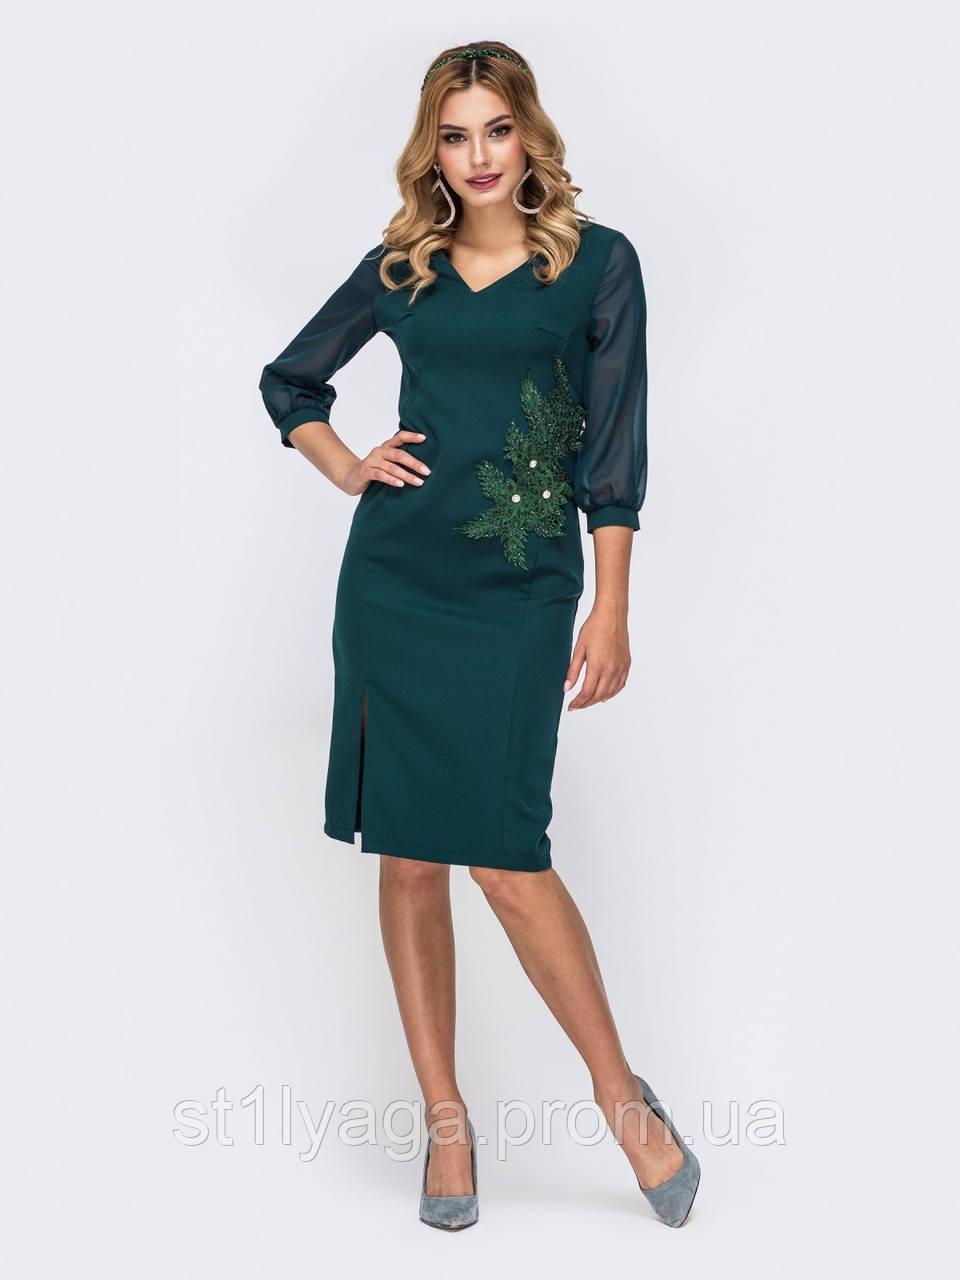 Платье-футляр с рукавом три четверти украшенное флористической нашивкой